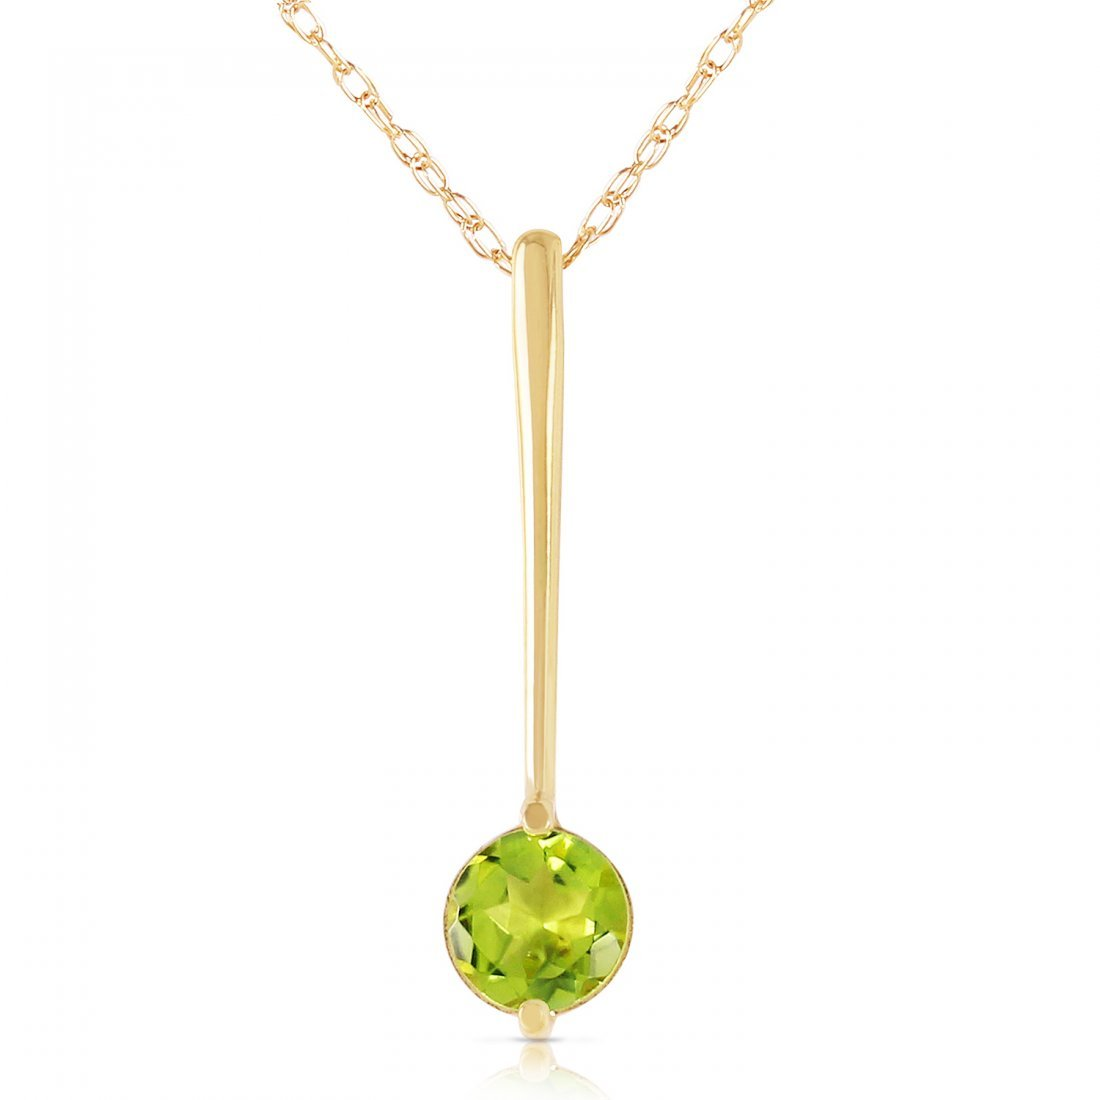 Genuine 0.65 ctw Peridot Necklace Jewelry 14KT Yellow